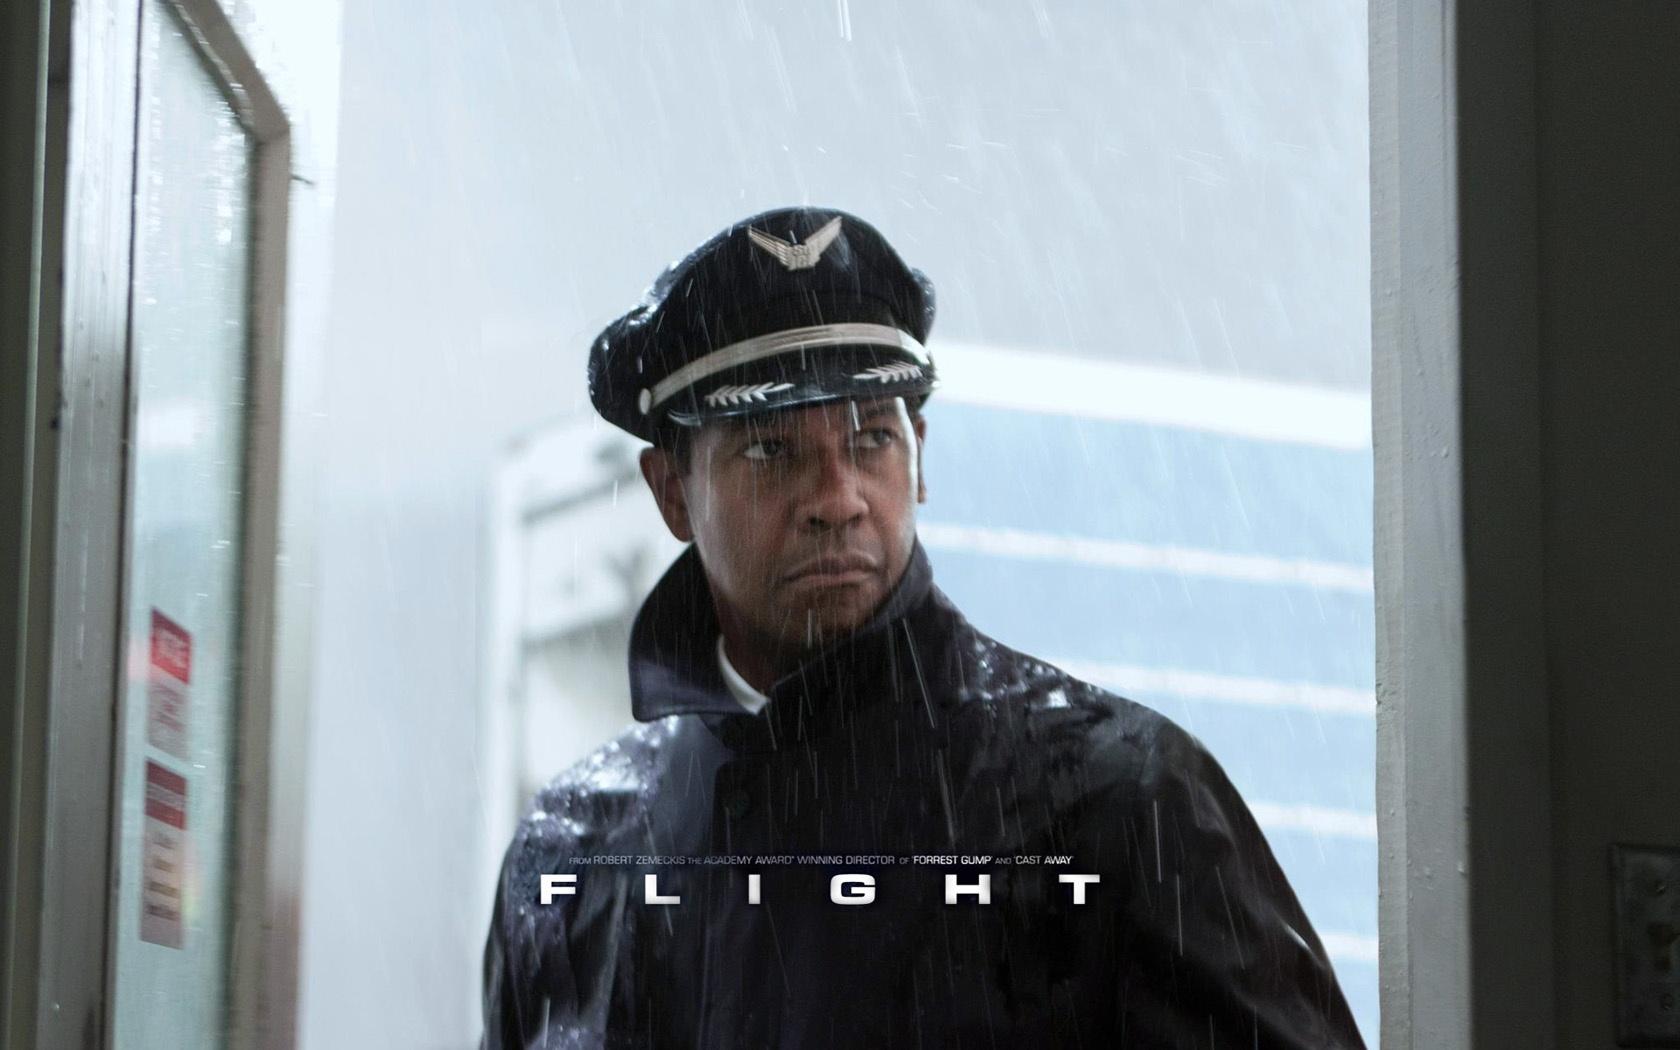 Flight-movie-2012-wallpaper-flight-movie-2012-33422275-1680-1050.jpg